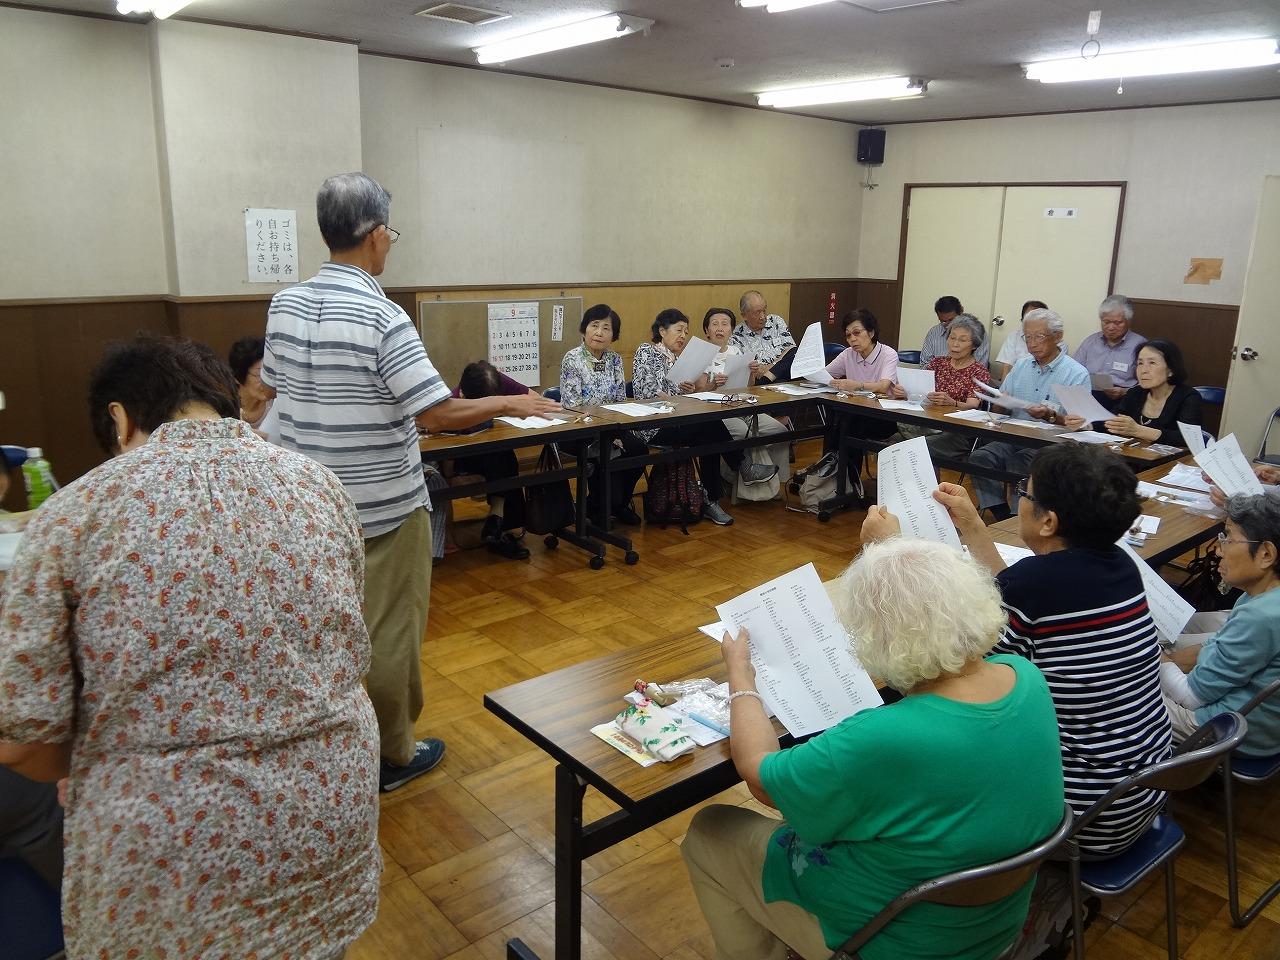 90-4kitazawasalon